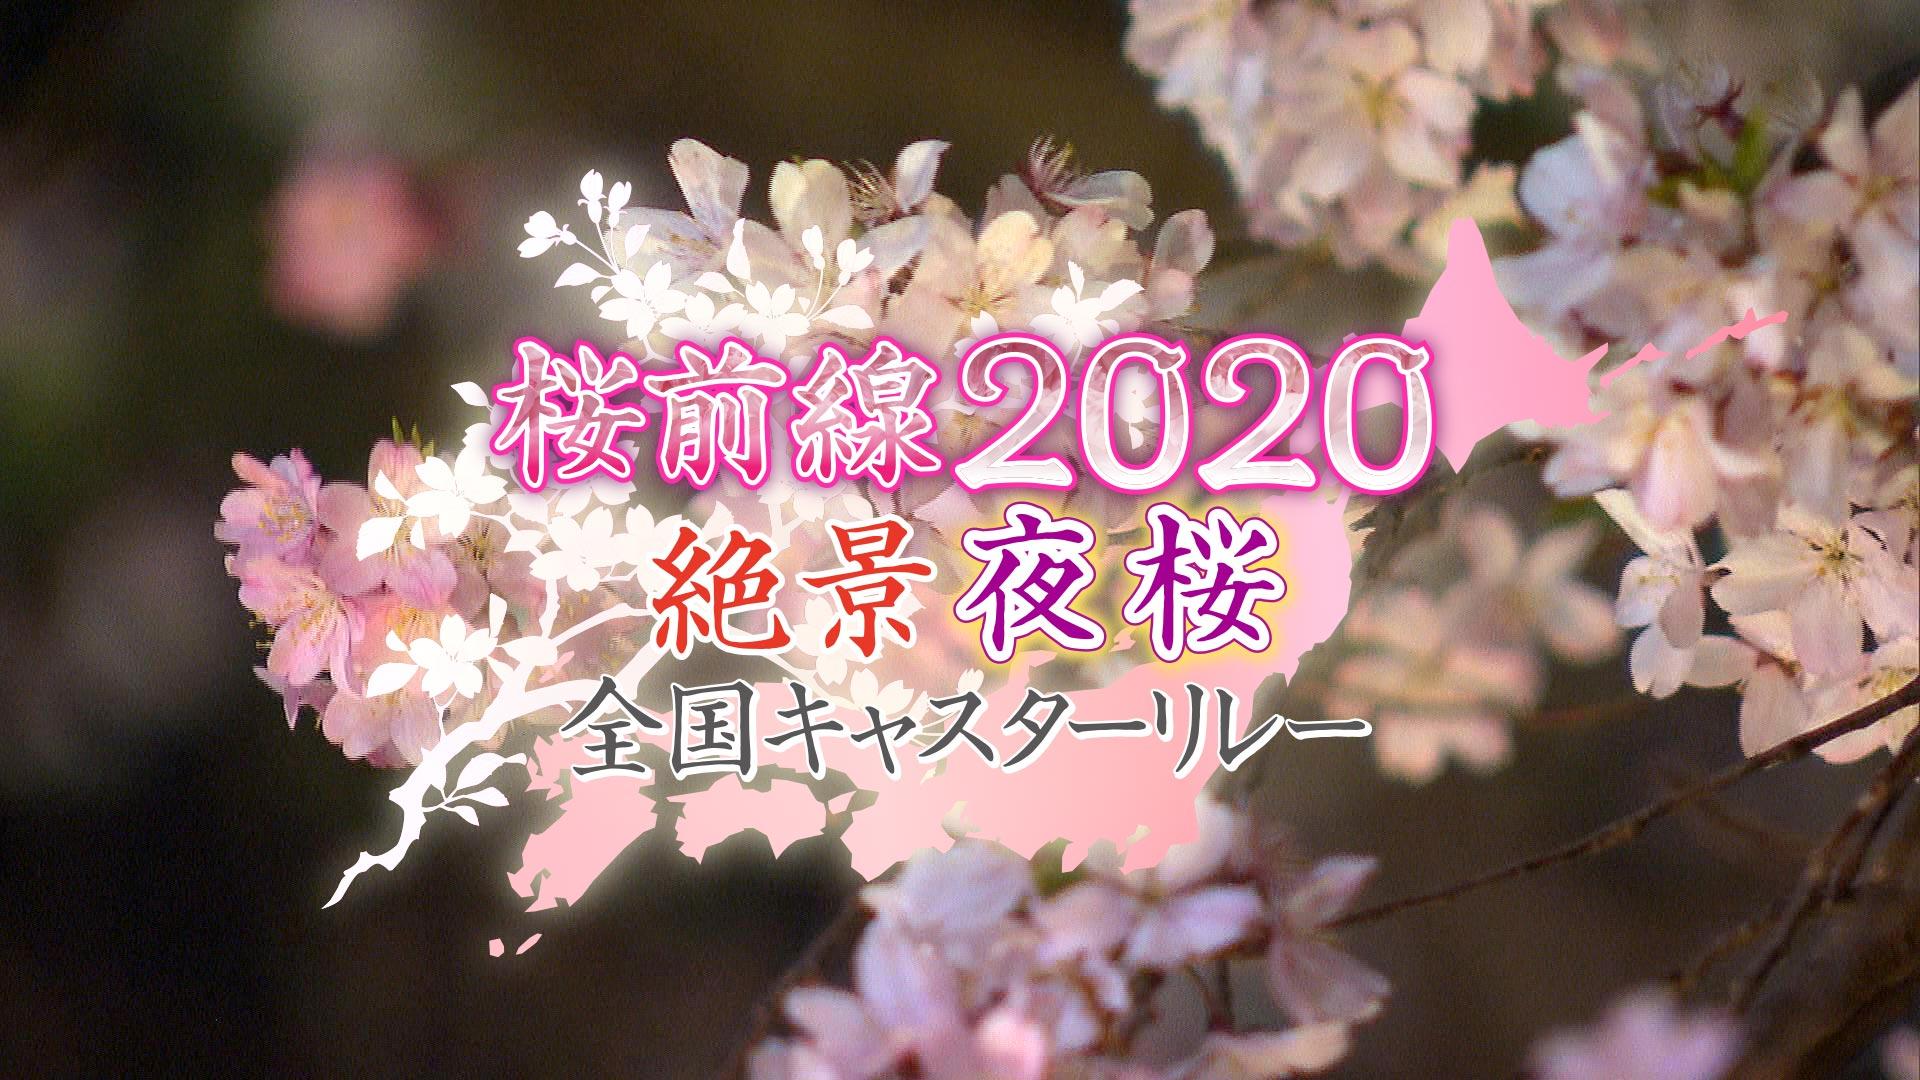 桜前線2020 絶景夜桜 全国キャスターリレー